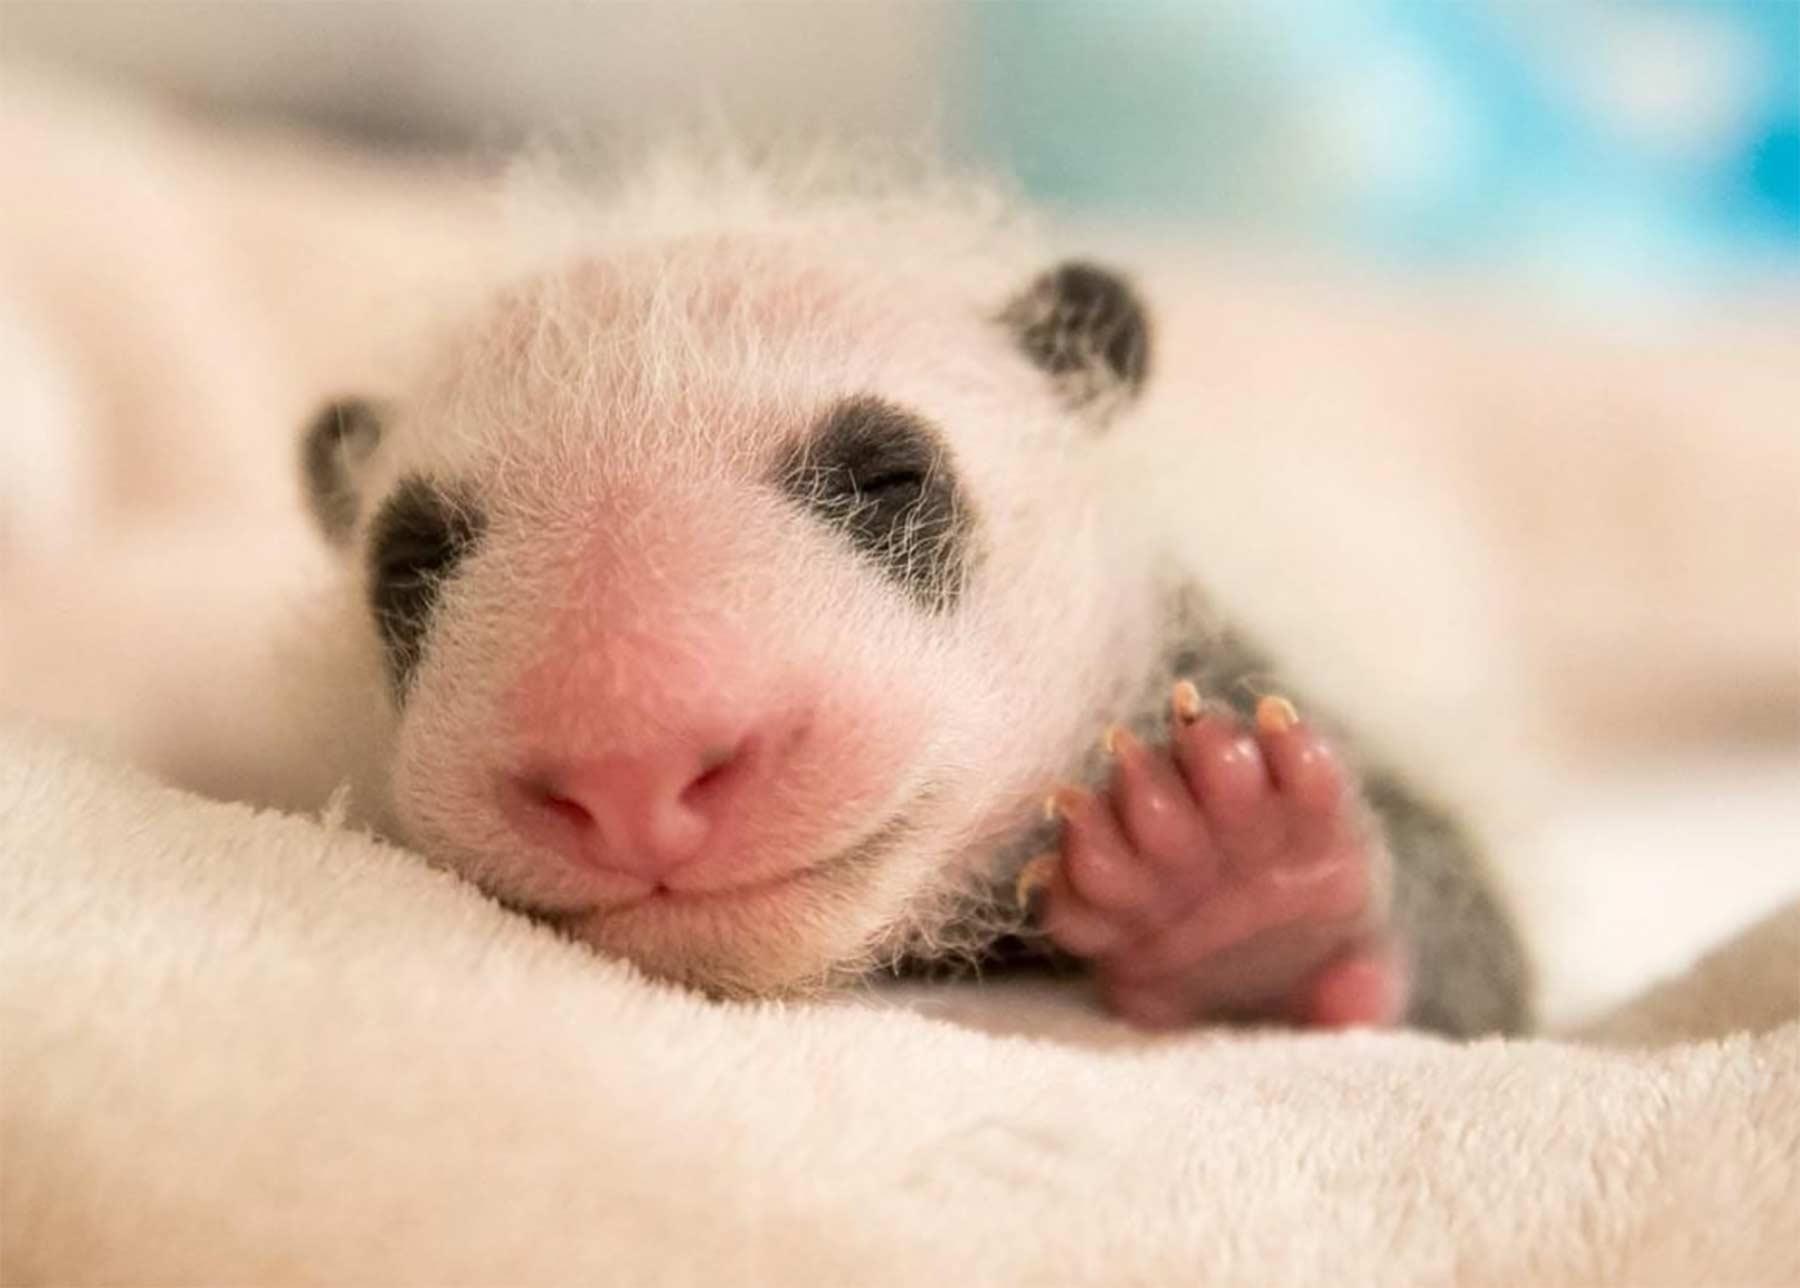 Die ersten 30 Tage im Leben eines Pandababys